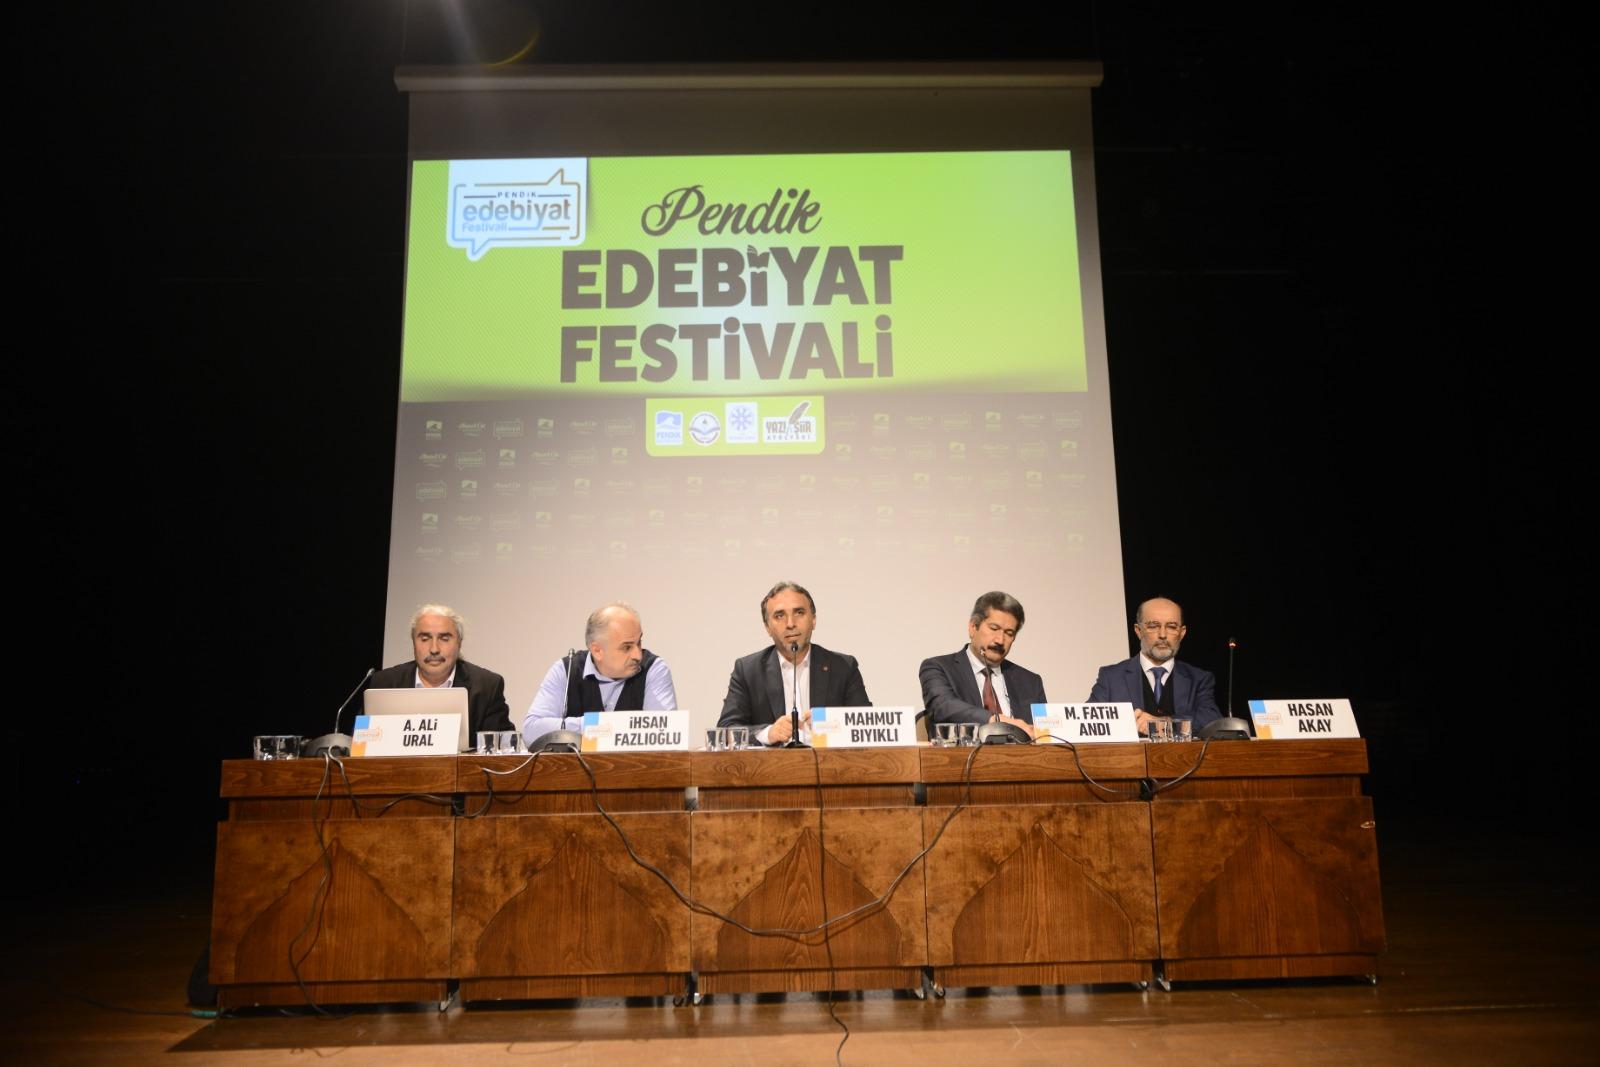 Pendik Edebiyat Festivali Başladı